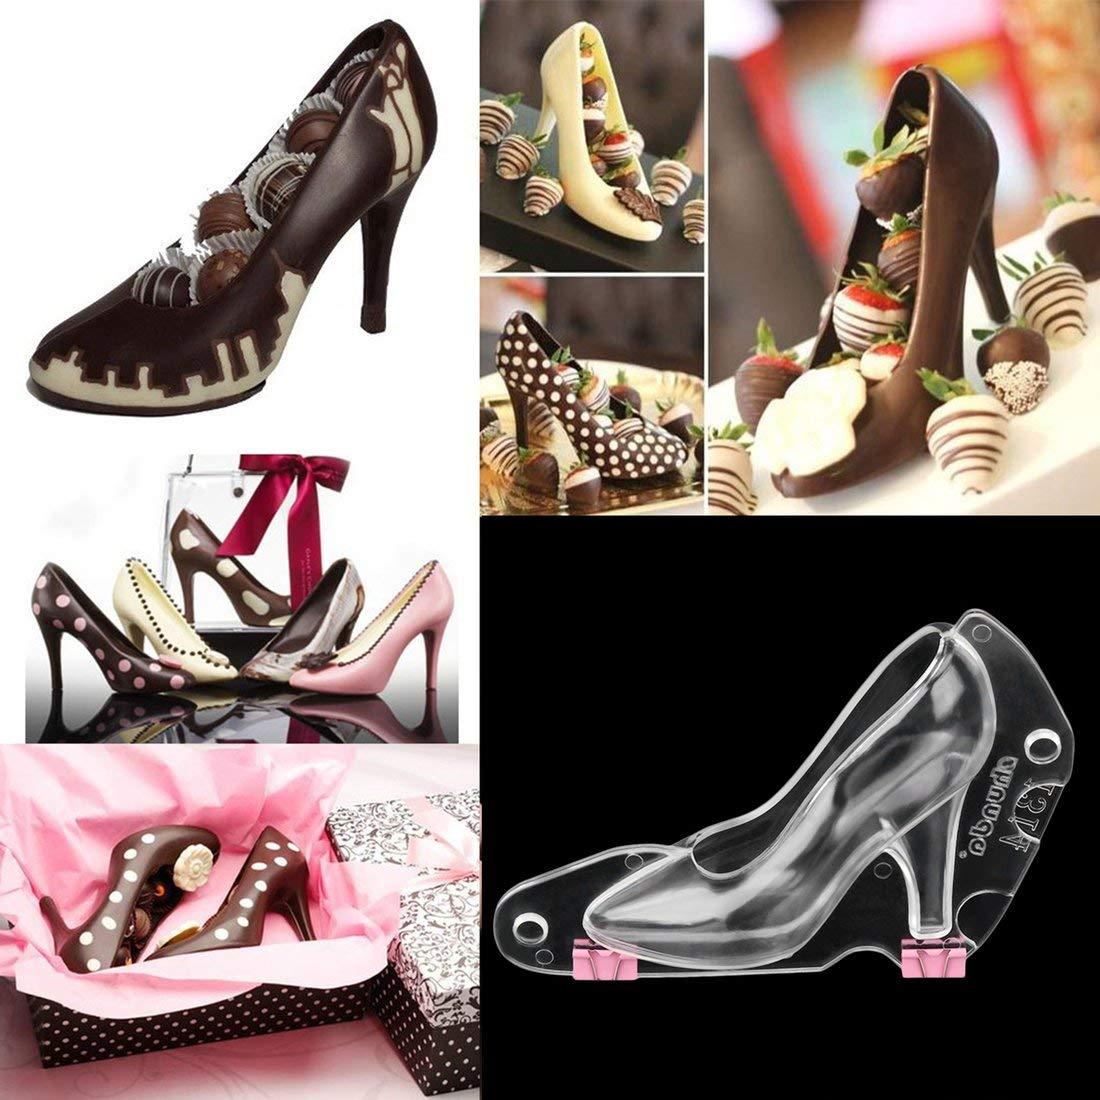 Zapatos de tacón Alto 3D Molde Pastel de Chocolate Fondant Cake Decorating Postre Fabricante de Bricolaje para la fabricación de Pastel de pudín de Jalea: ...